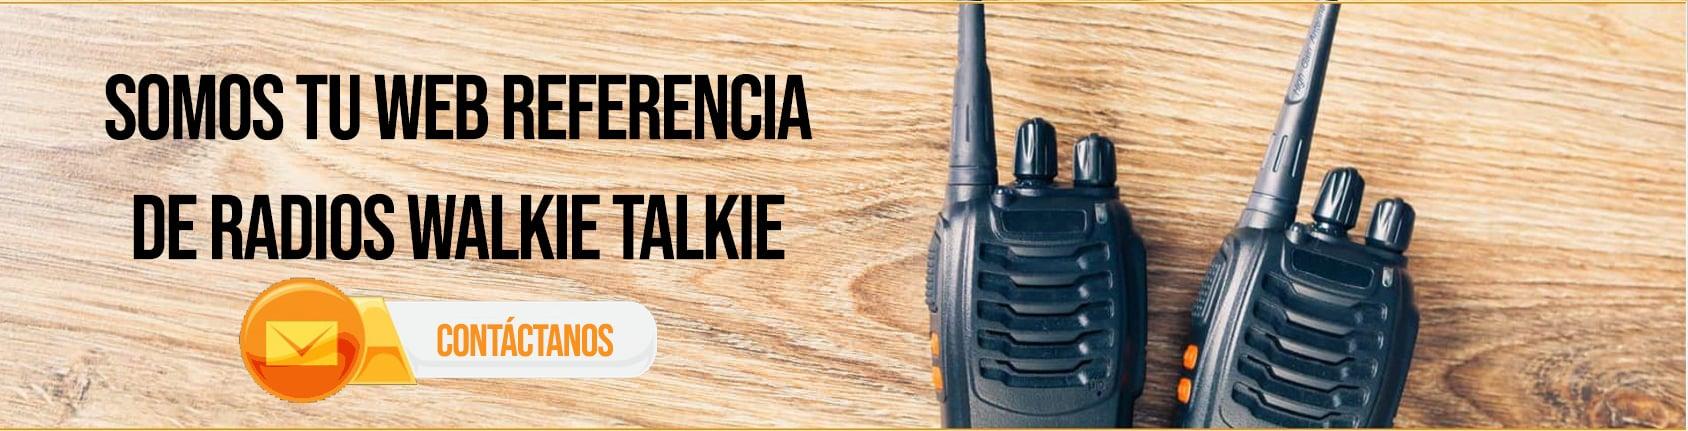 radio walkie talkie home